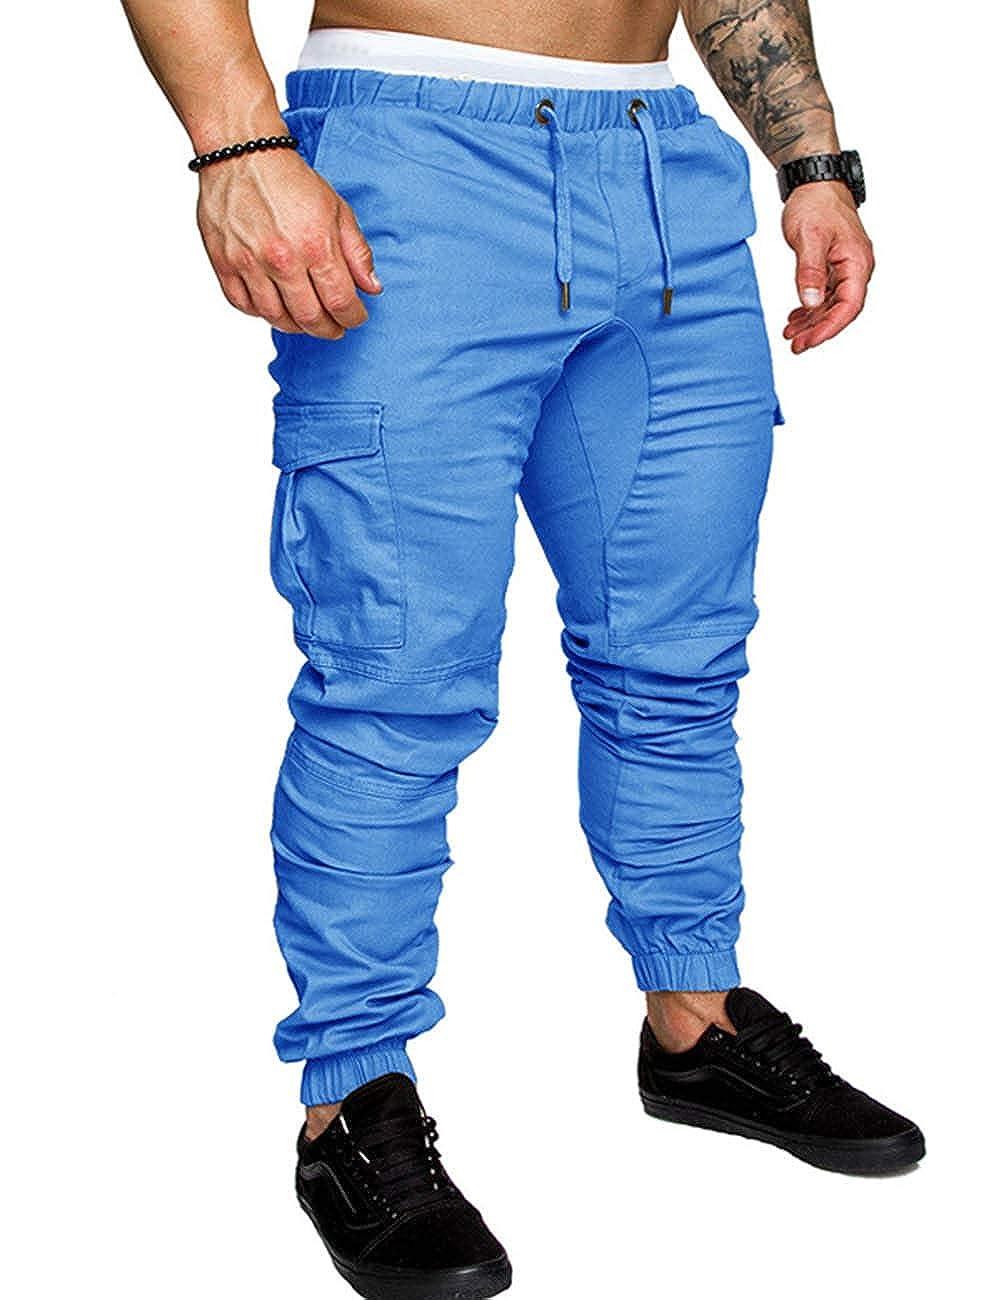 147303a4cc SOMTHRON Hombre Cinturón de cintura elástico Pantalones de chándal de  algodón largo Jogging Pantalones de carga deportiva de talla grande  Pantalones cortos ...